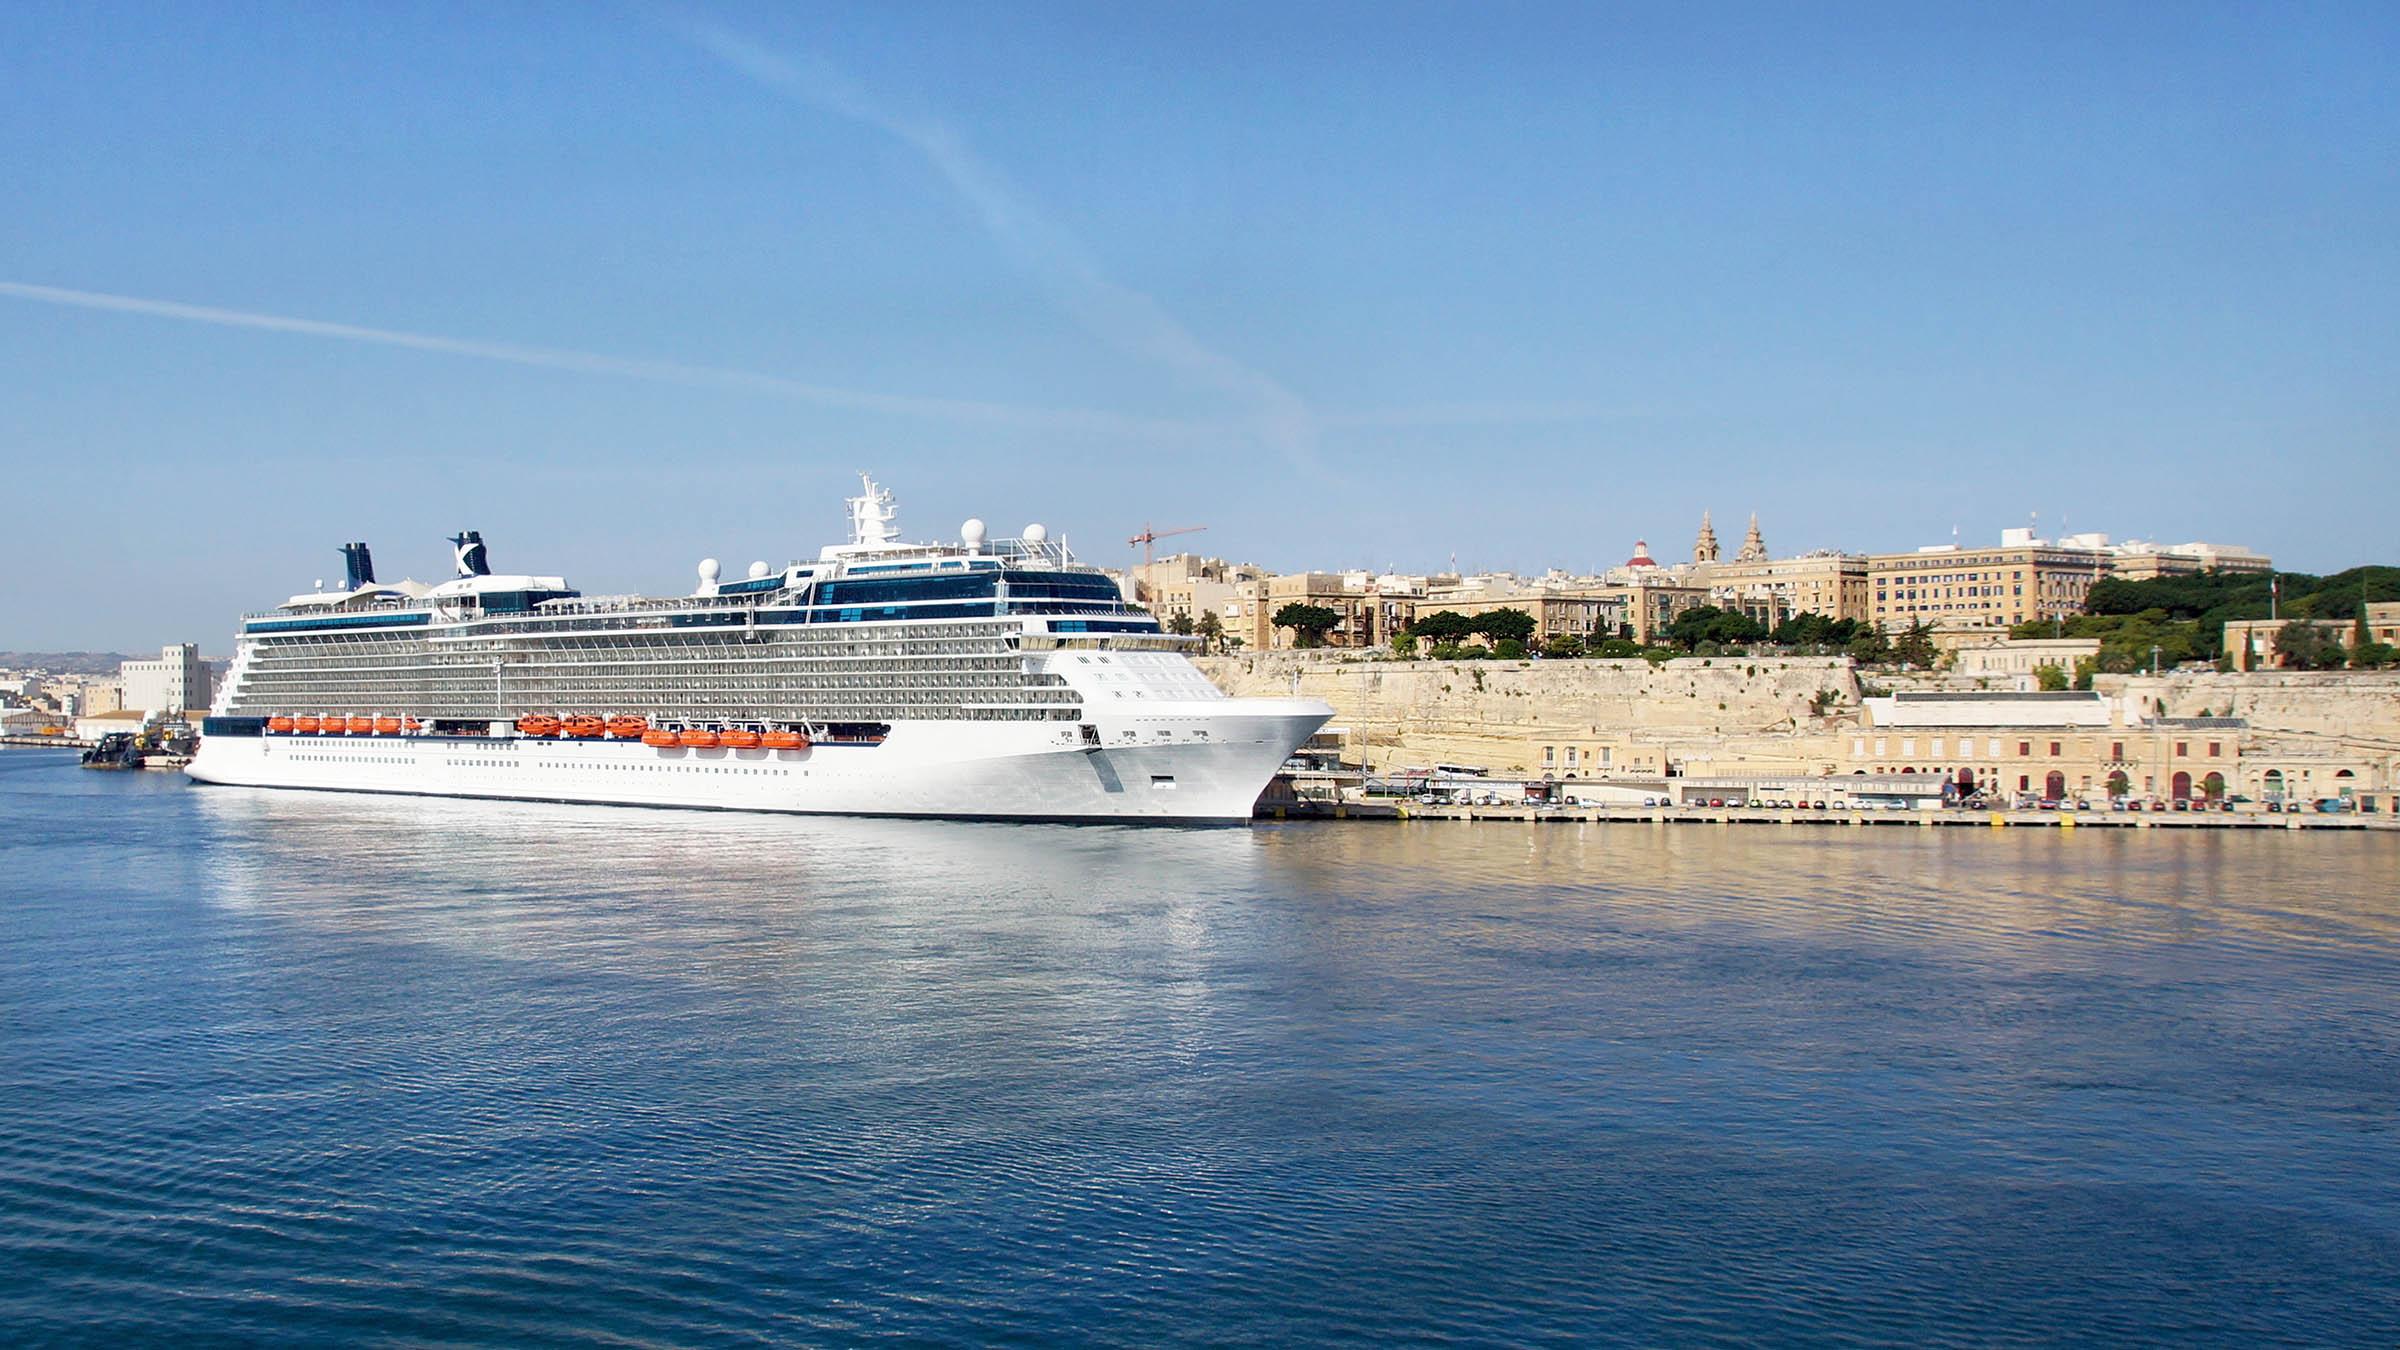 crucero-en-el-puerto-de-la-valeta-malta